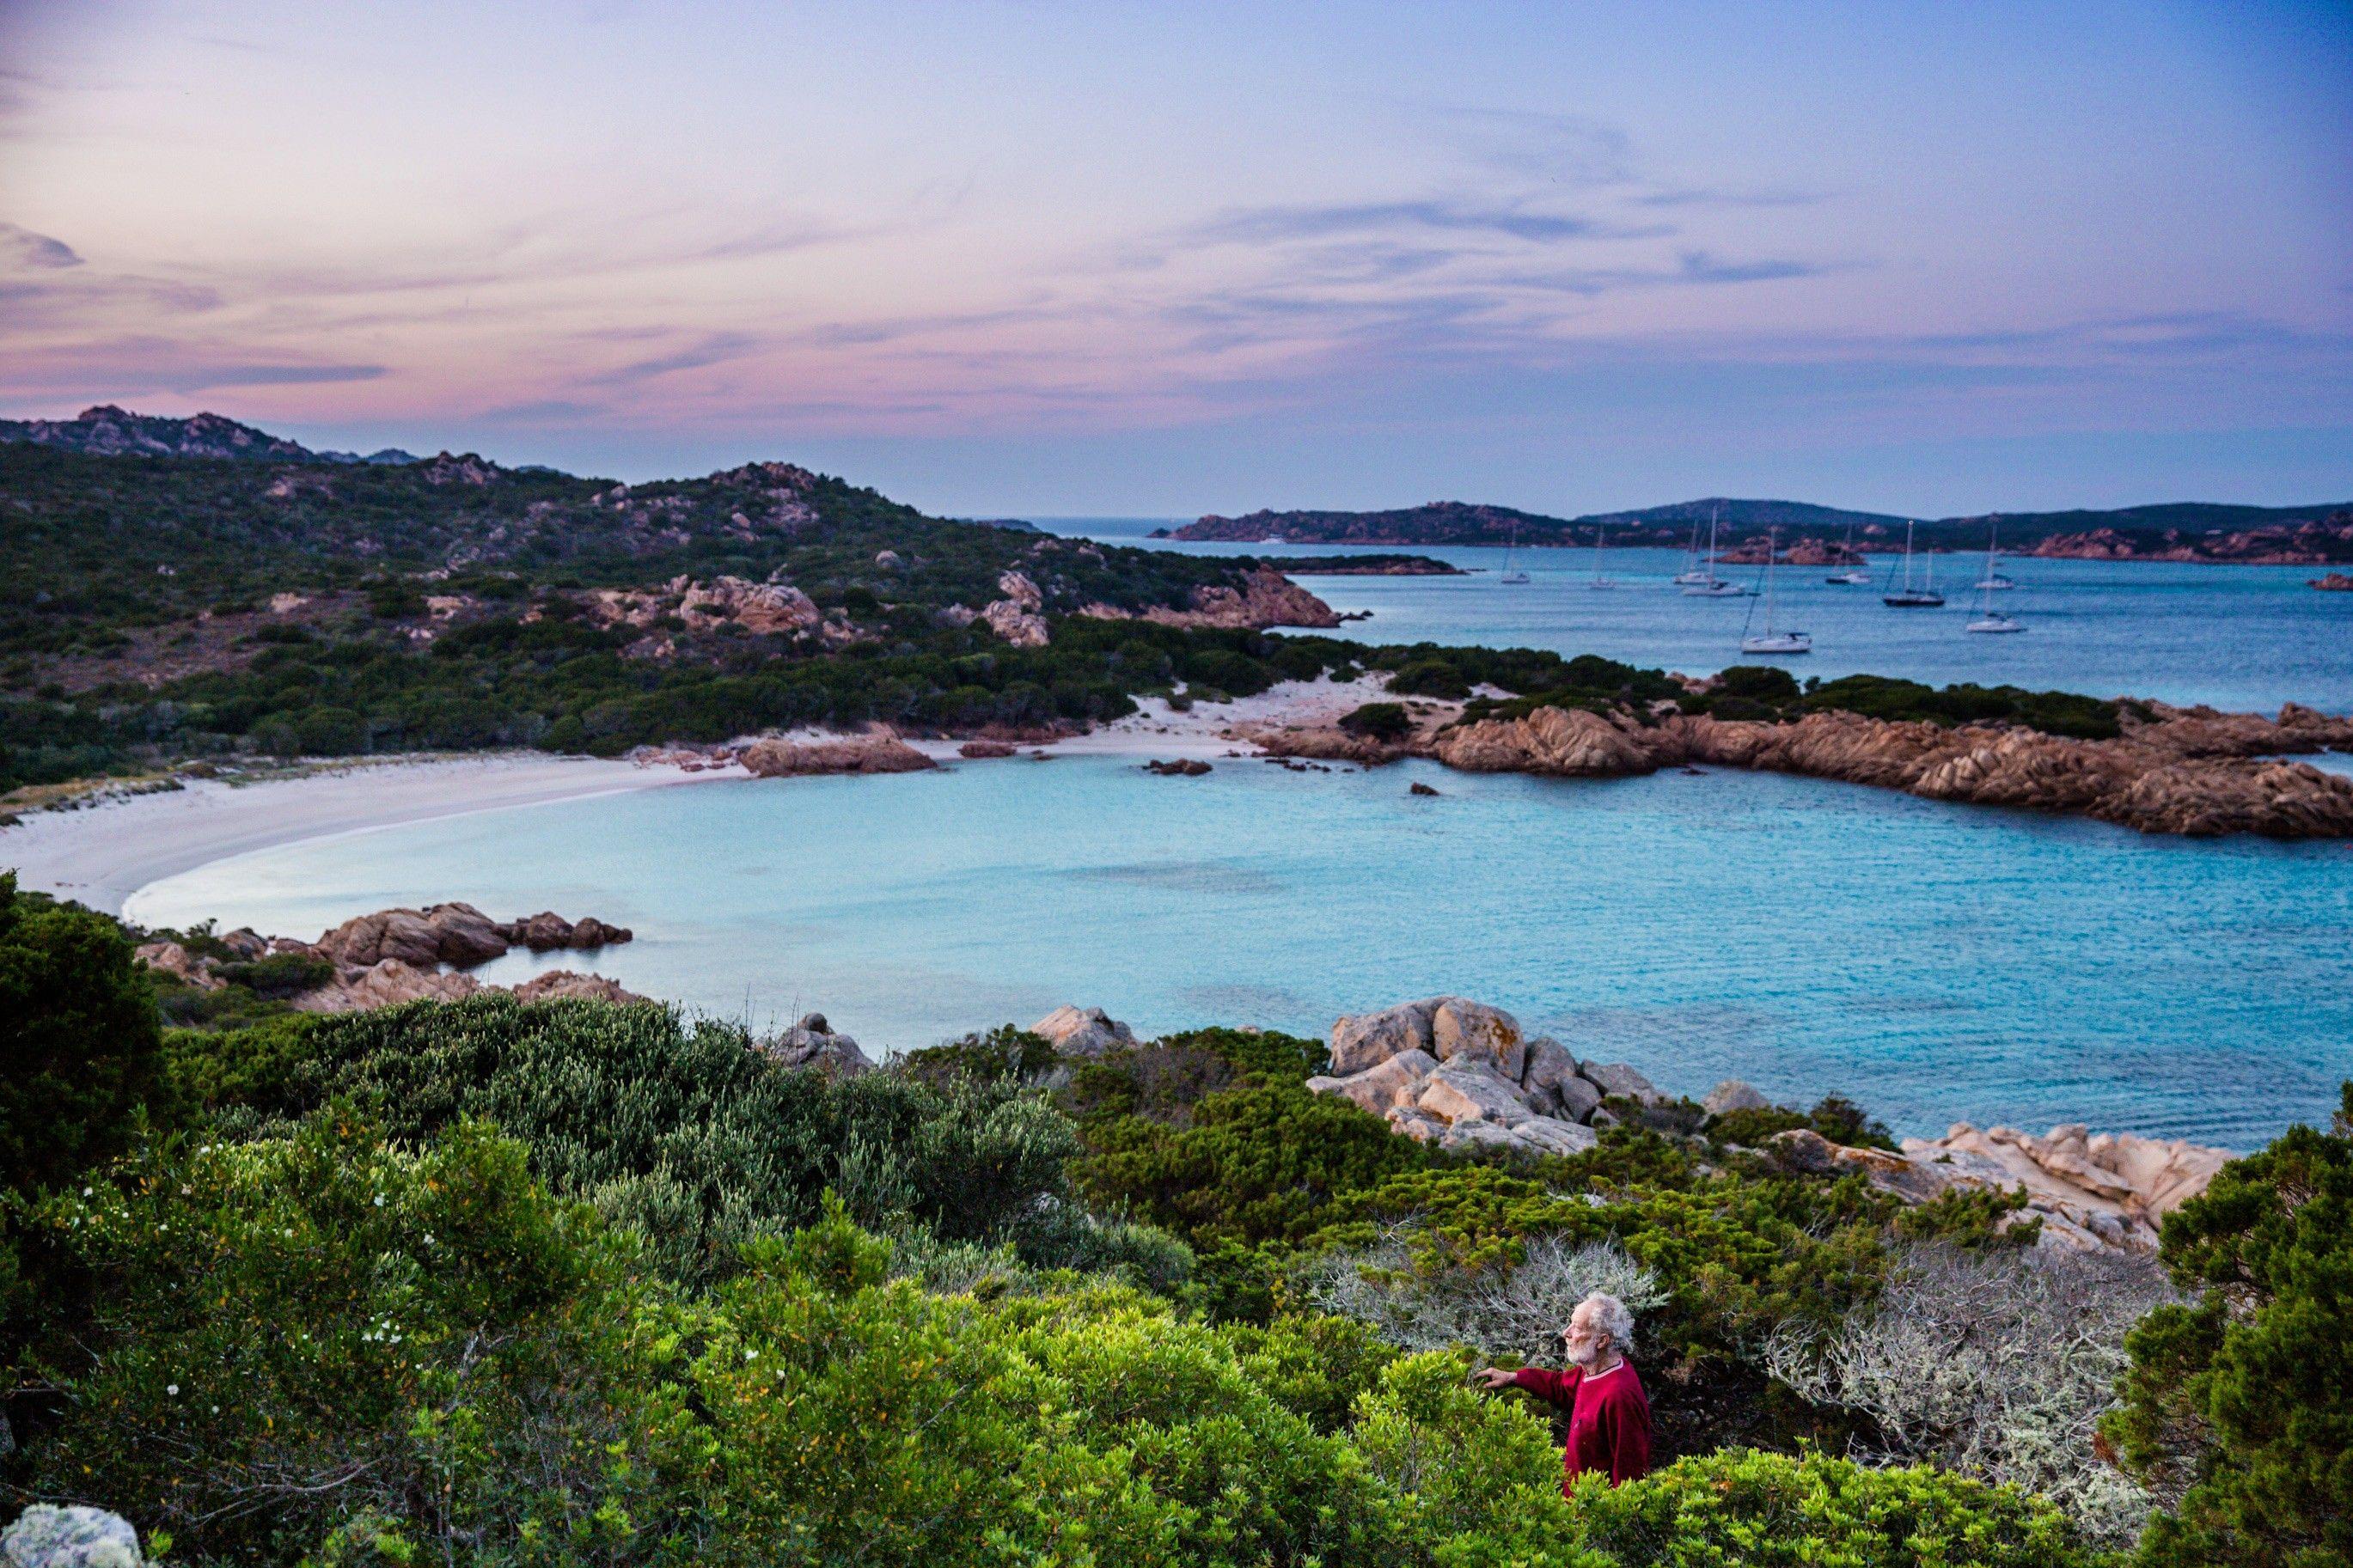 28 Jahre auf einer einsamen Insel   National Geographic